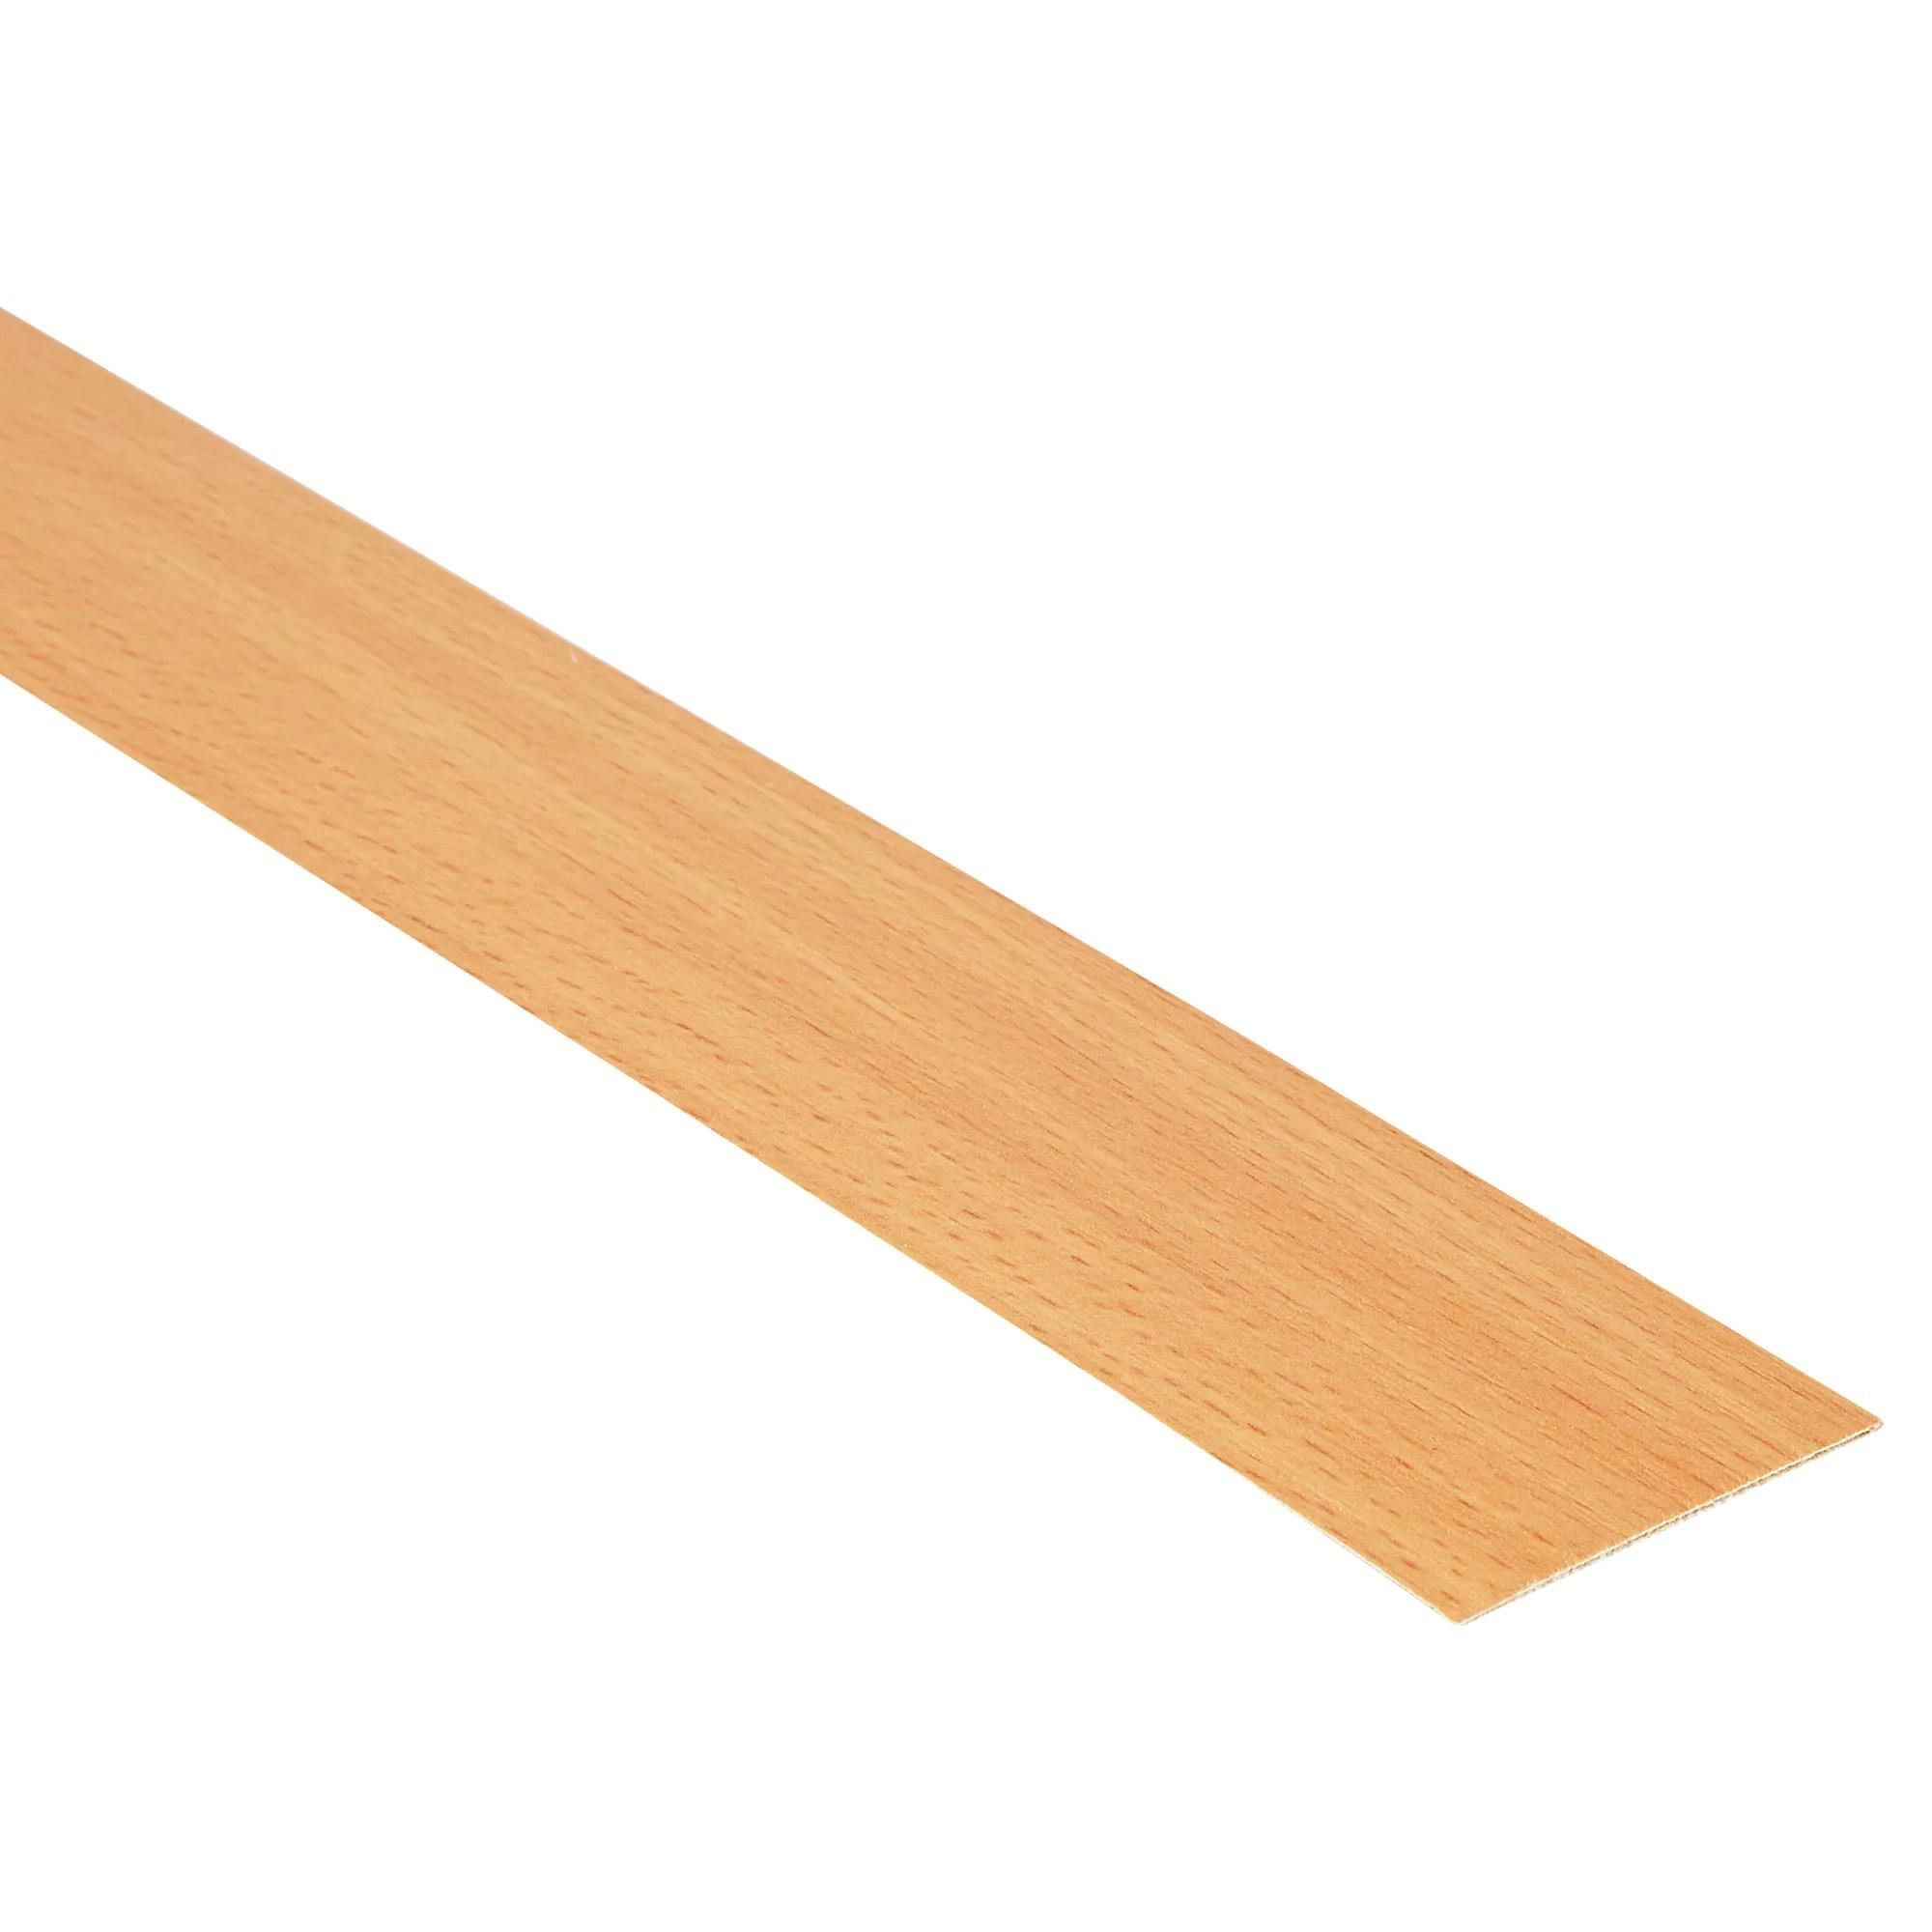 Umleimer 65 X 4 5 Cm ǀ Toom Baumarkt